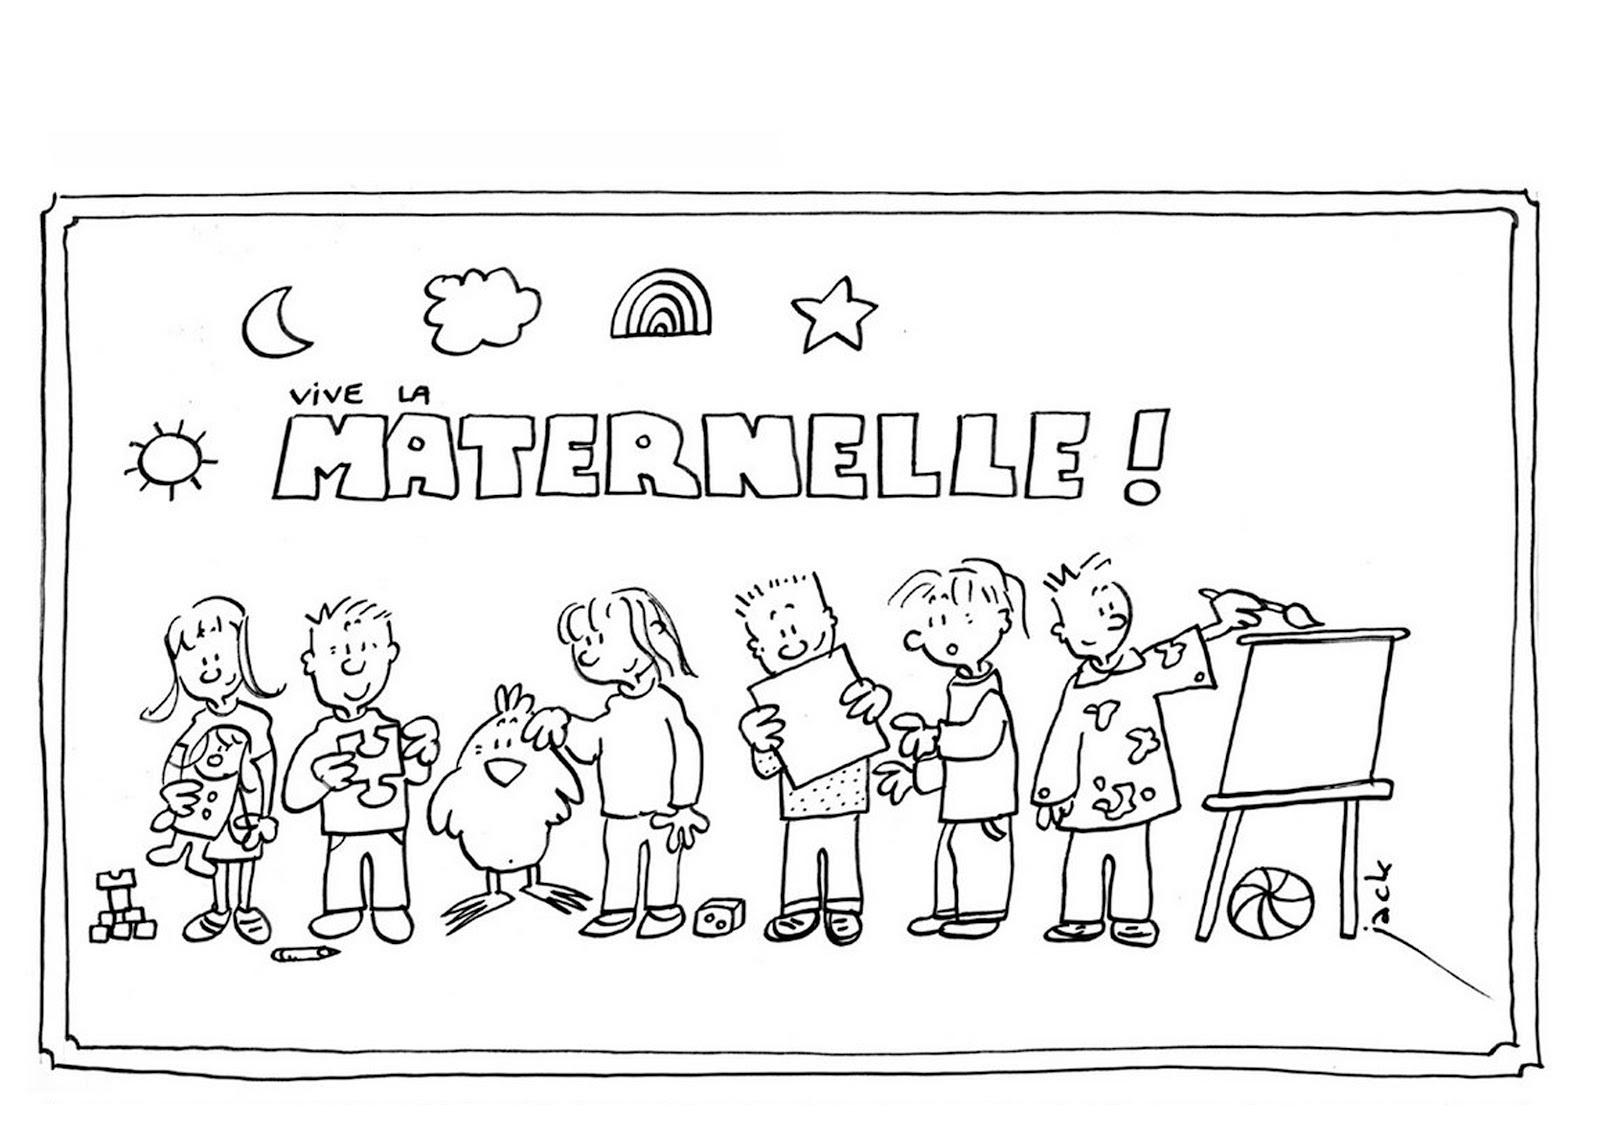 Voir Le Dessin. Image 22154 Coloriage Rentre Maternelle intérieur Coloriage Corps Humain Maternelle